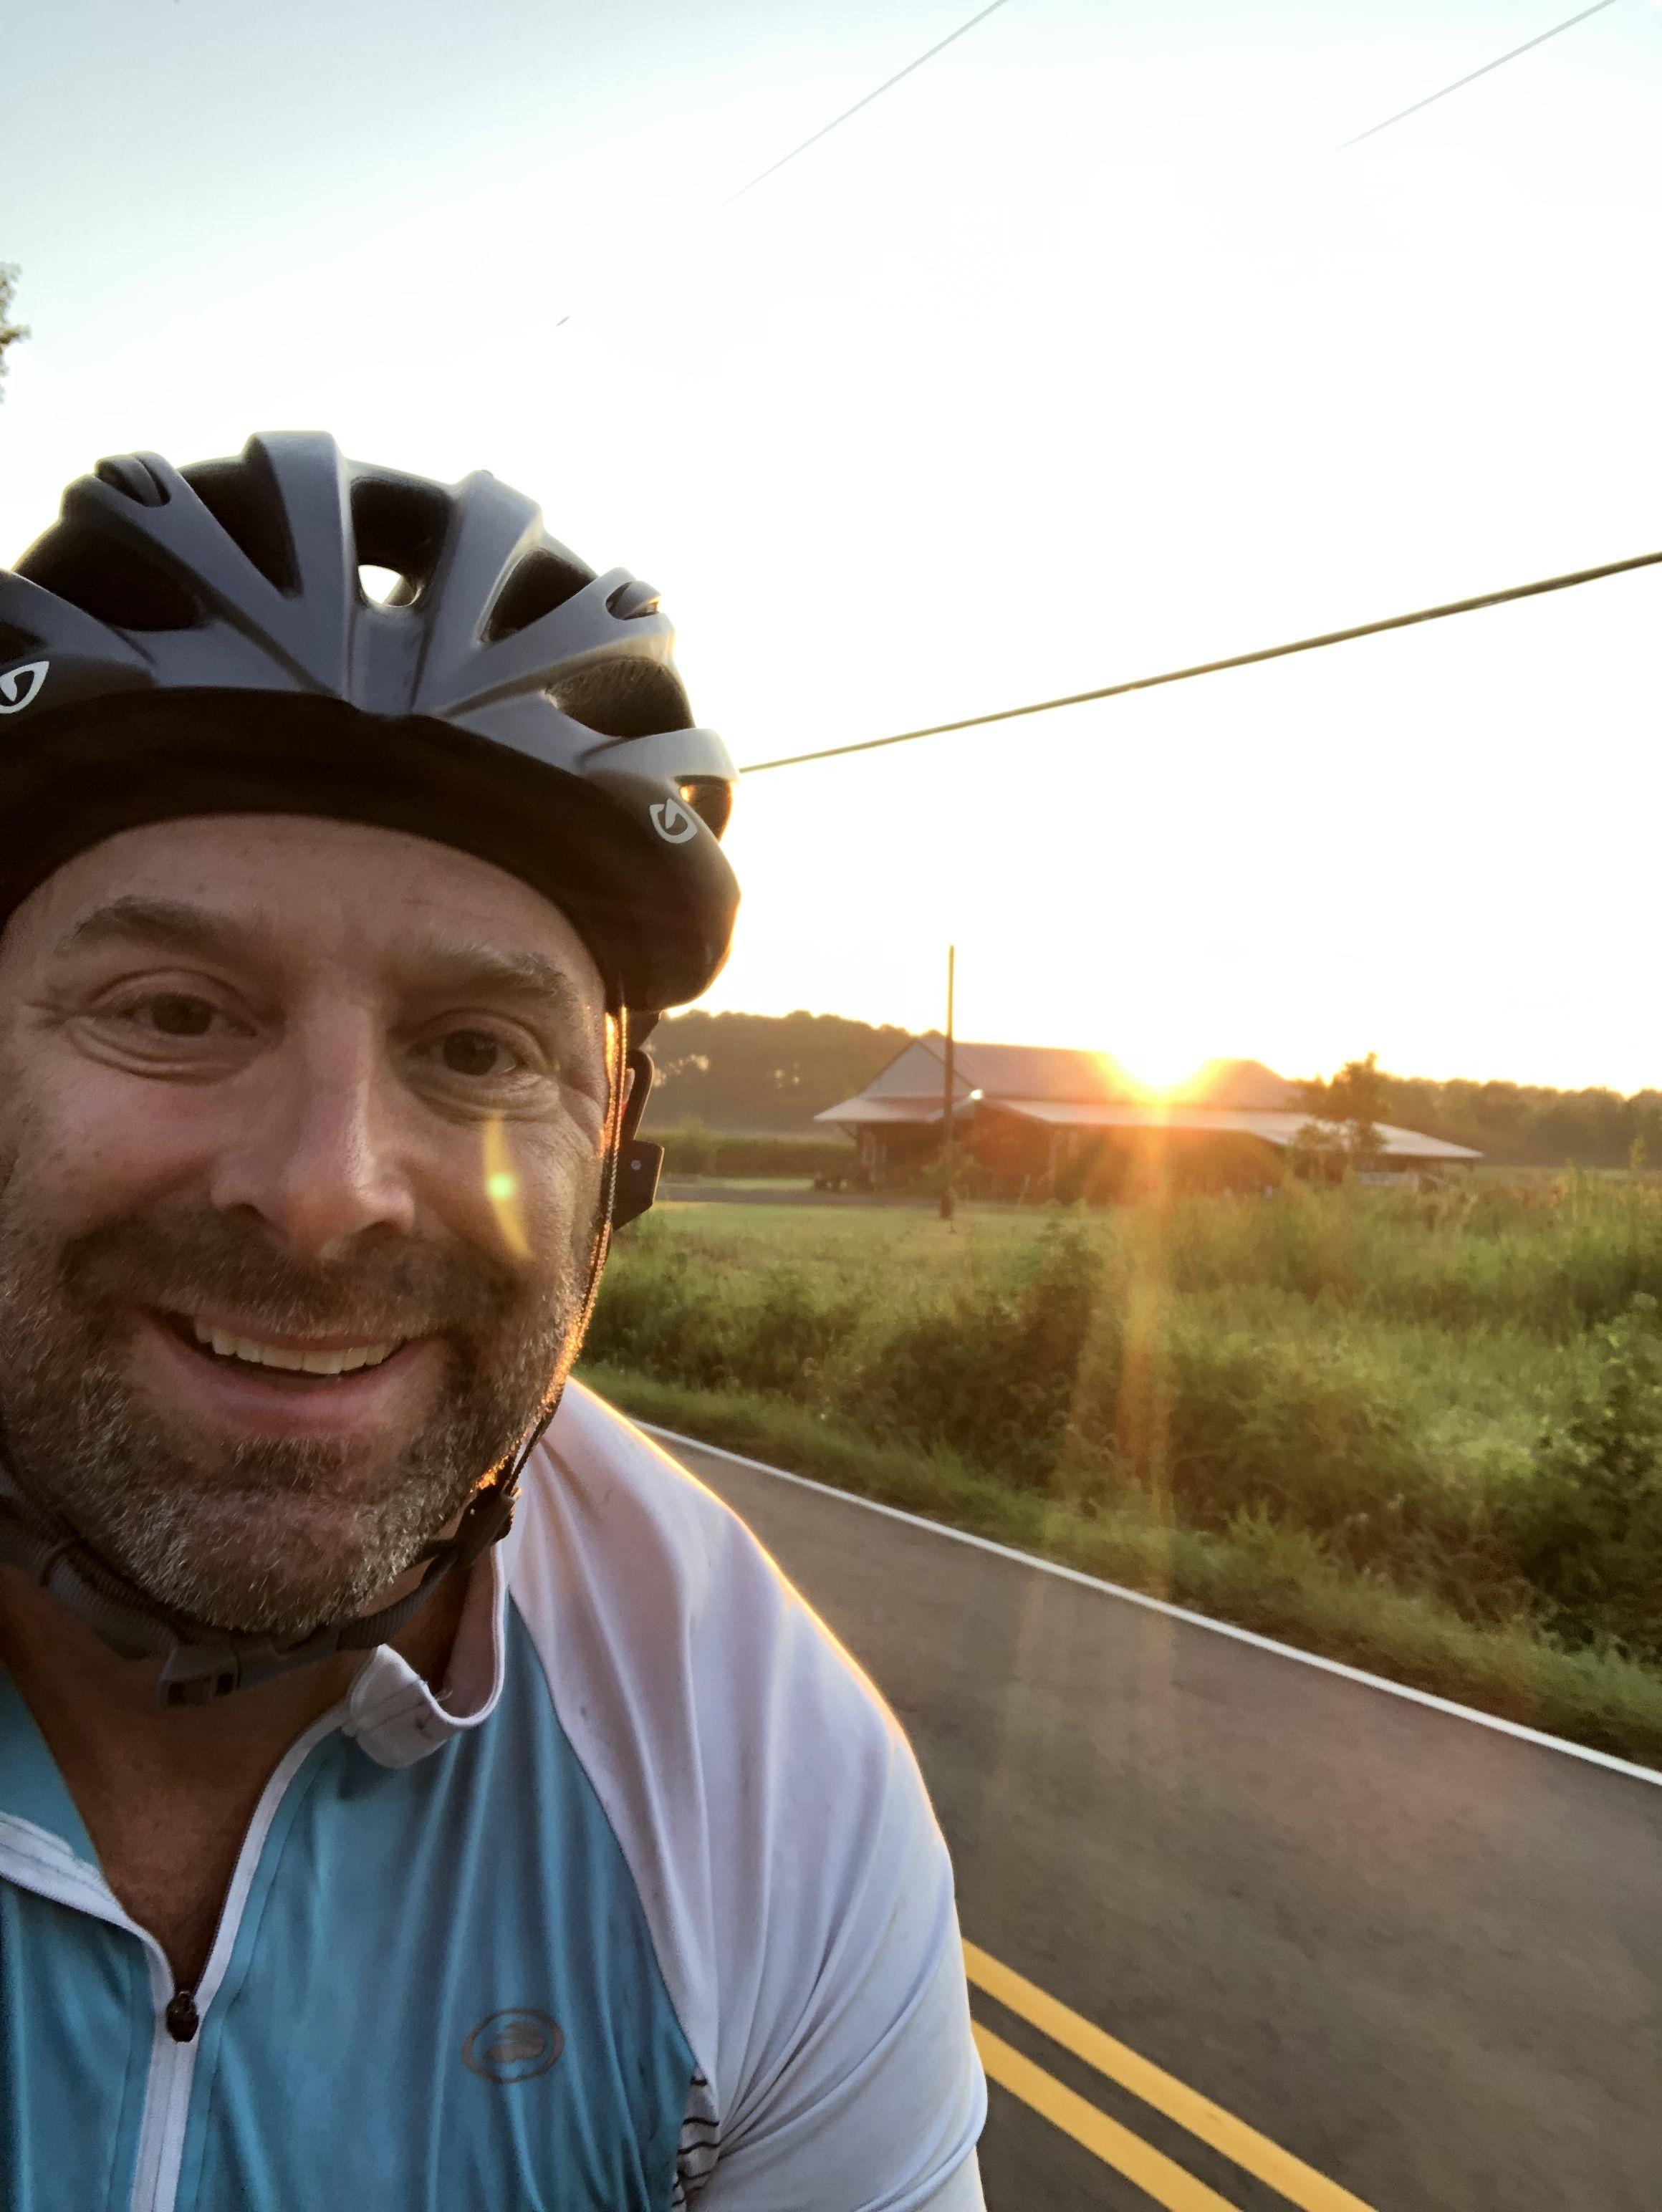 Pin By Brent Montella On Cycling Virginia Beach Bicycle Helmet Helmet Bicycle